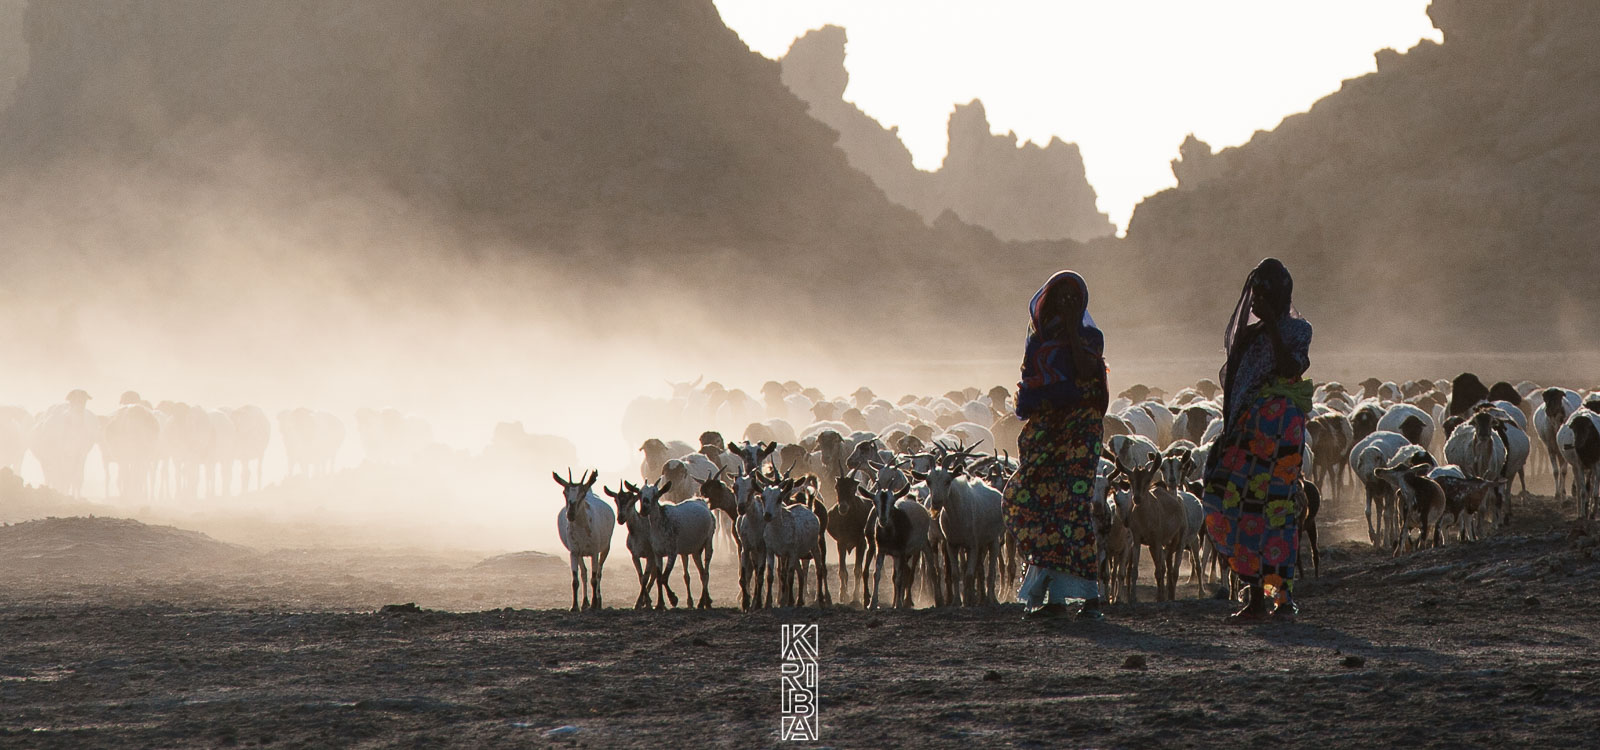 171-Djibouti-042009-Abbé.jpg